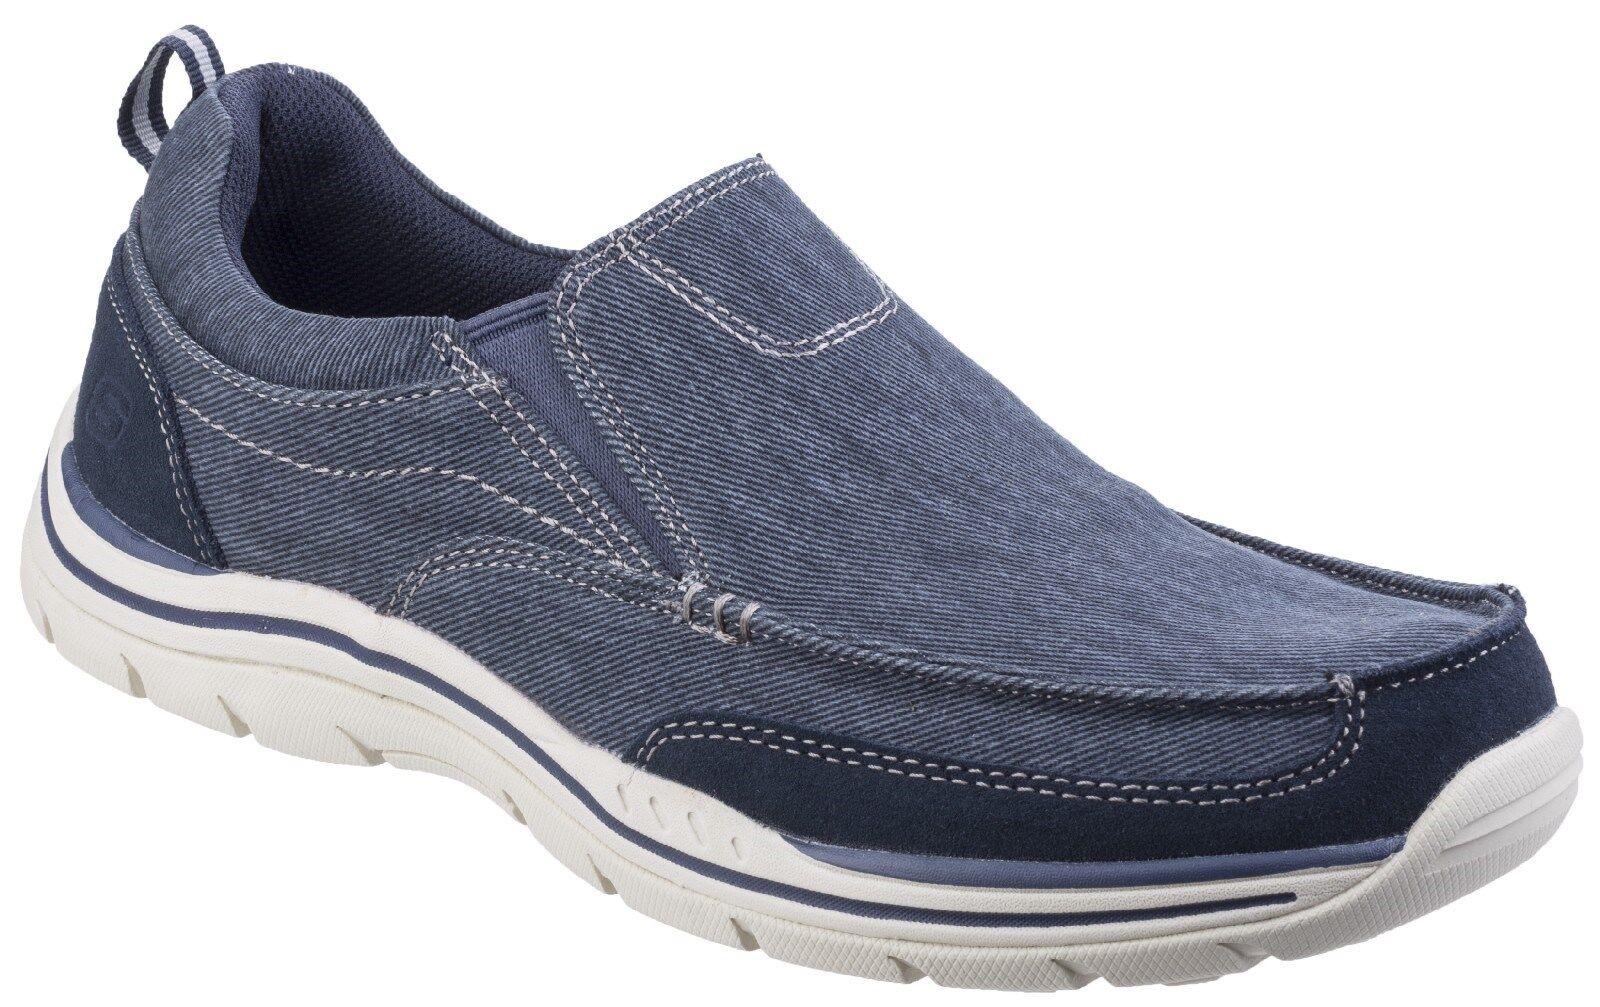 Skechers Mocassini previsto rendono Mocassini Scarpe Uomo Casual Mocassini Skechers tessile in Memory Foam f9e18c